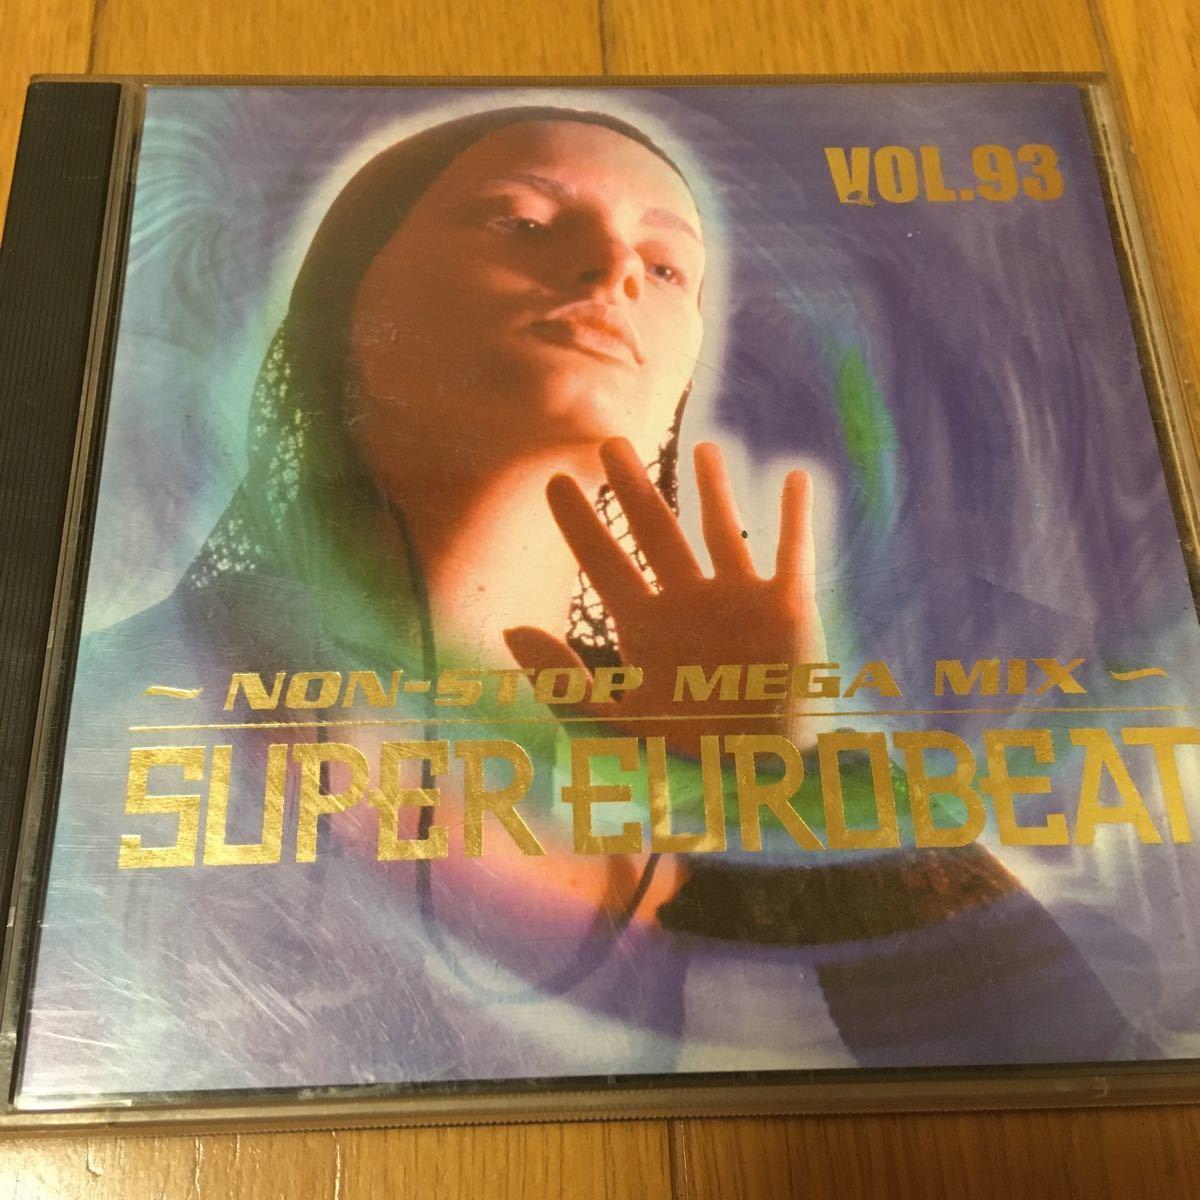 ネコポス送料無料☆匿名発送☆2CD☆super Eurobeat vol.93☆スーパーユーロビート vol.93☆avex trax☆エイベックス☆_画像1